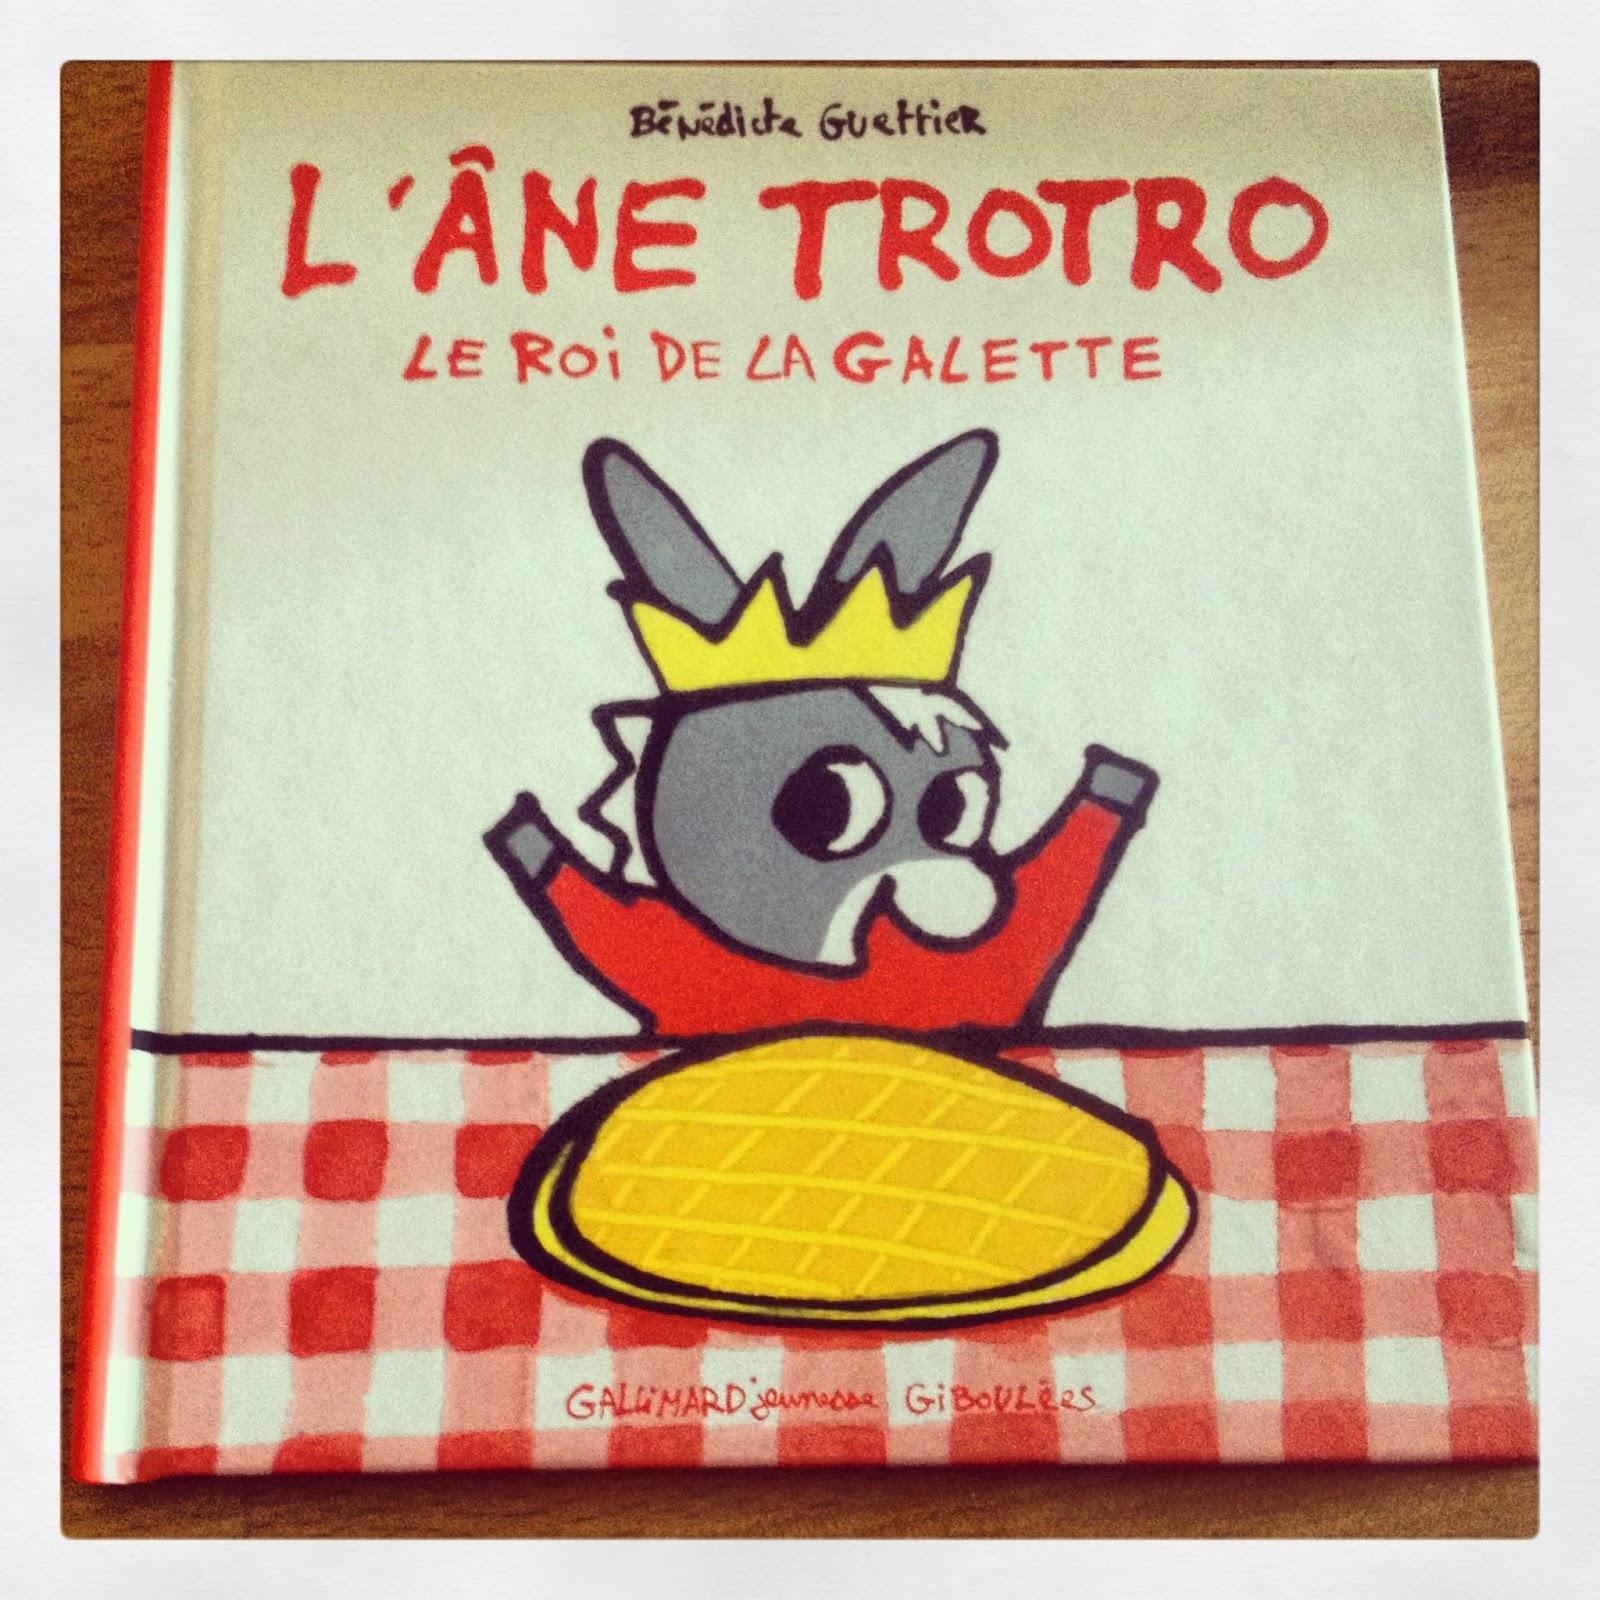 La Galette Des Rois Avec Trotro Miam Miam Album